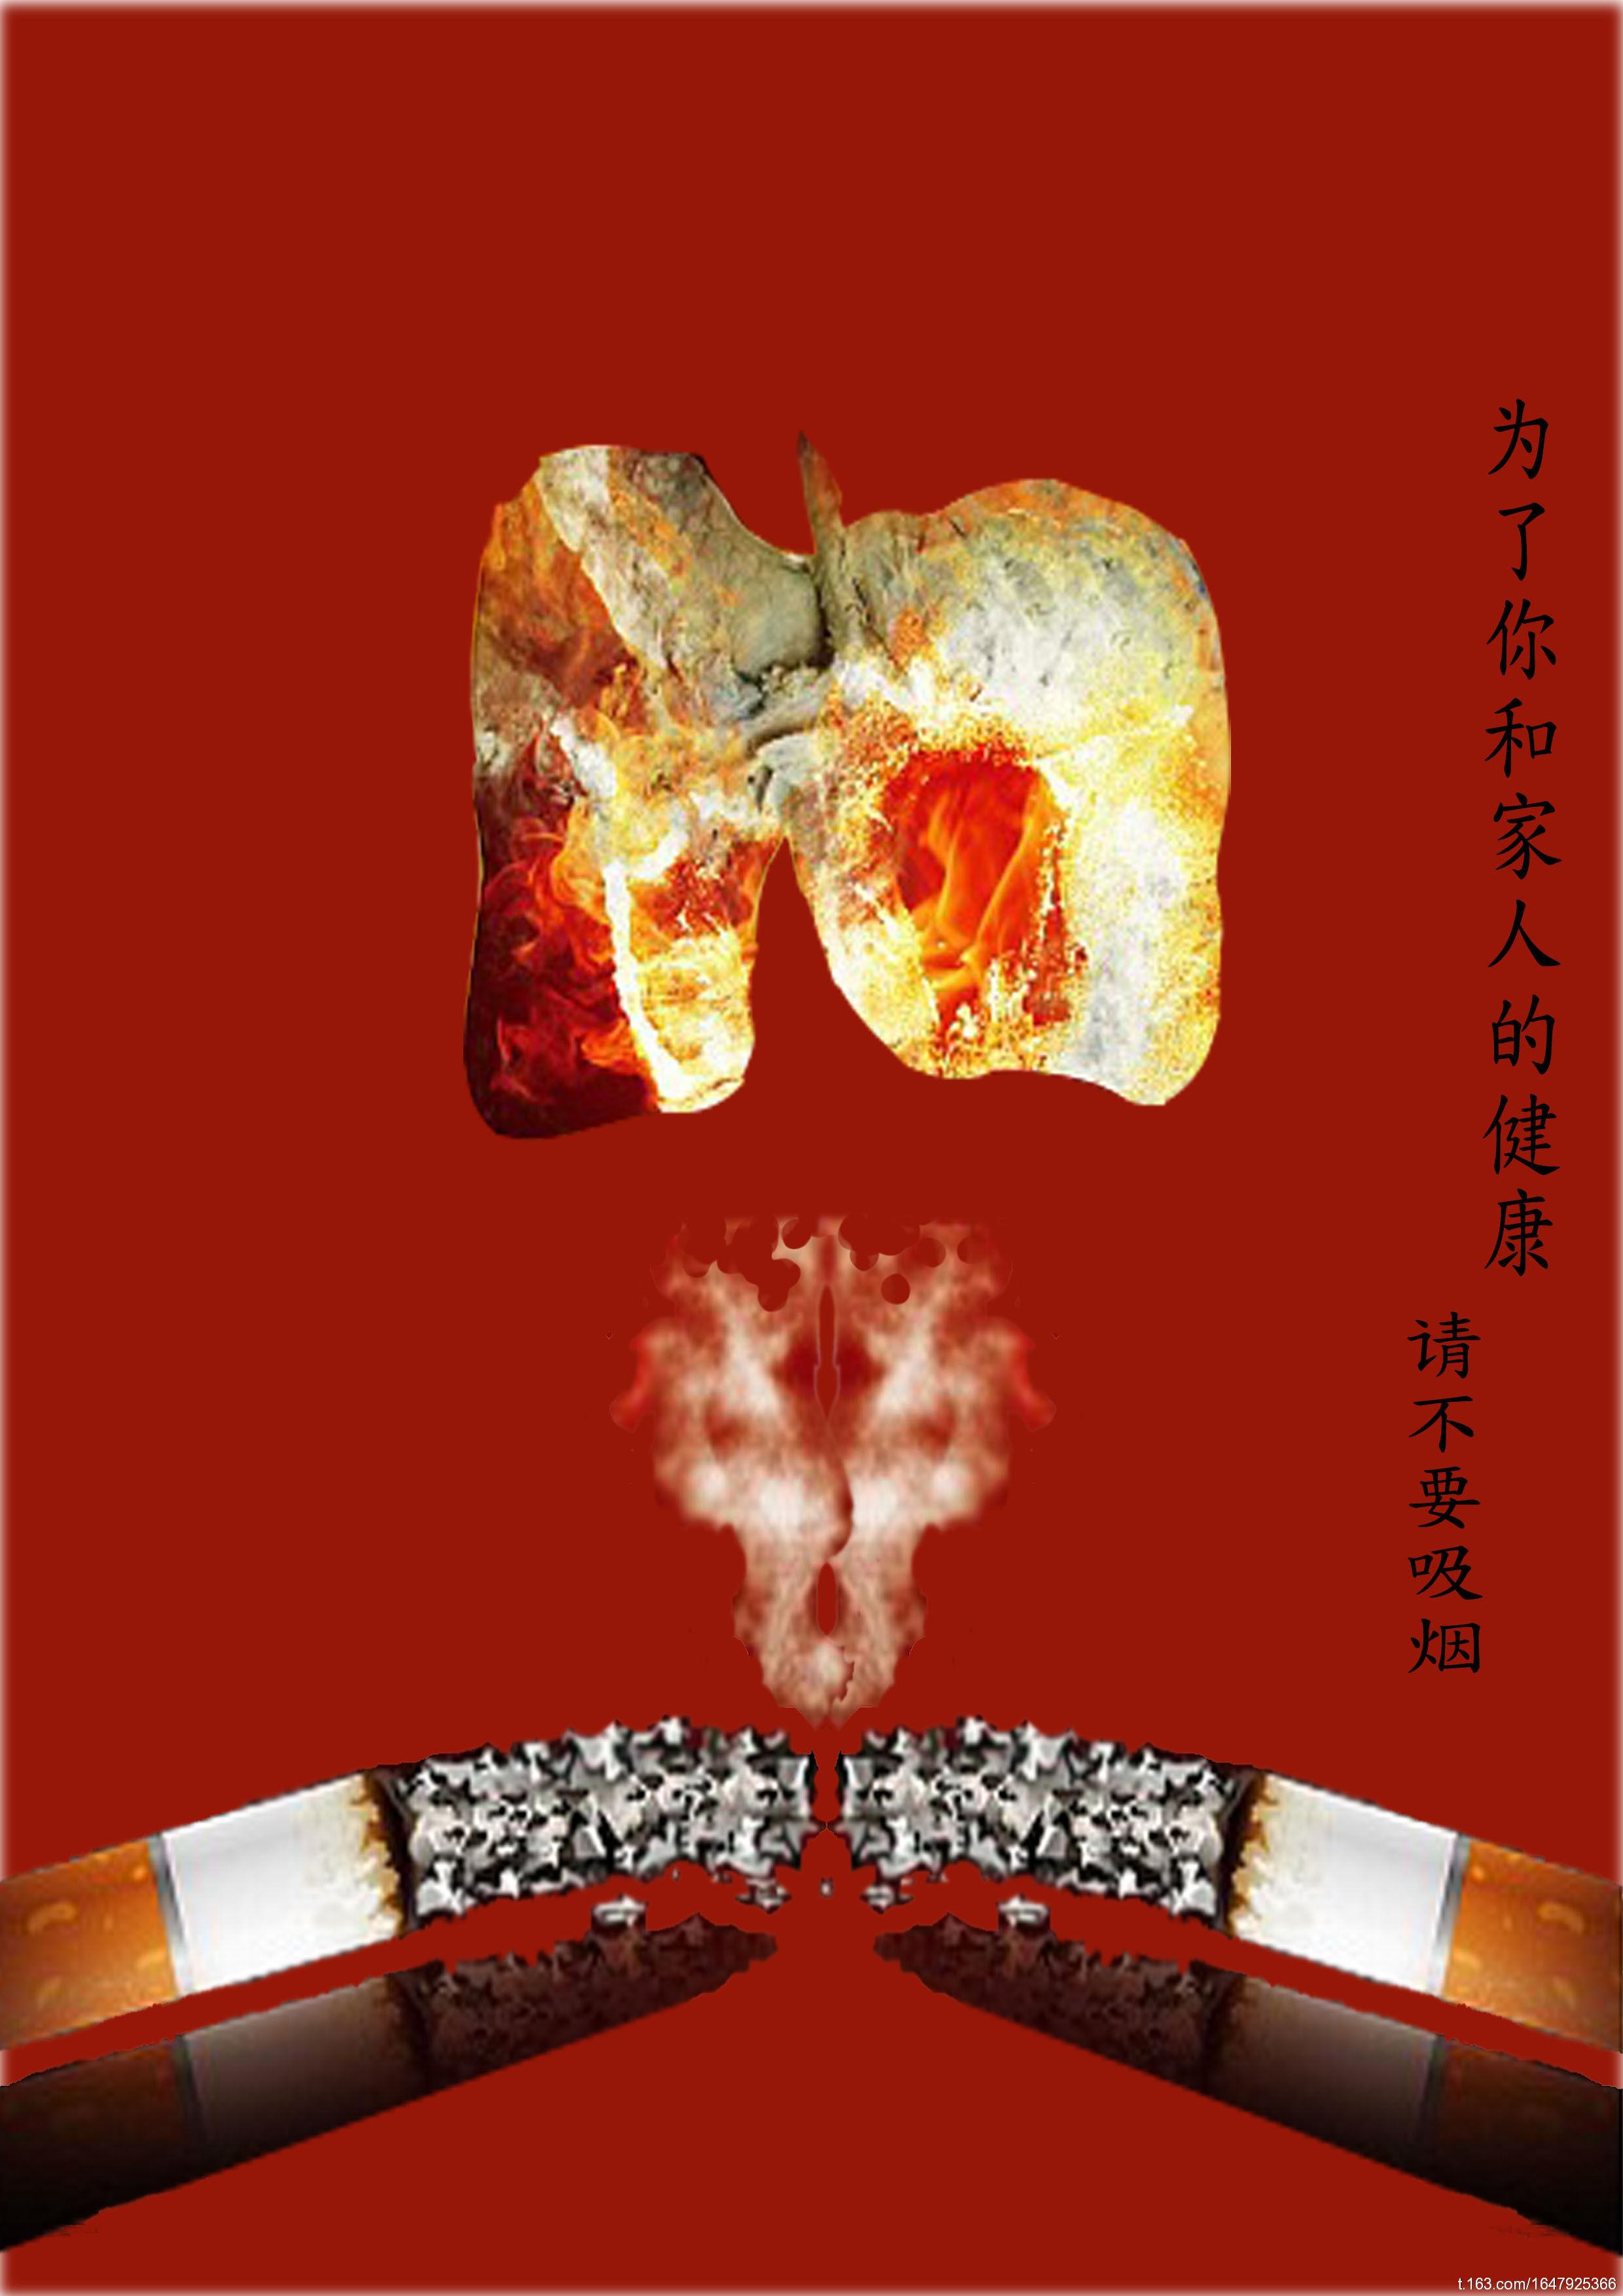 案例名稱:吸煙有害健康案例關鍵詞:吸煙描述:吸煙有害健康上